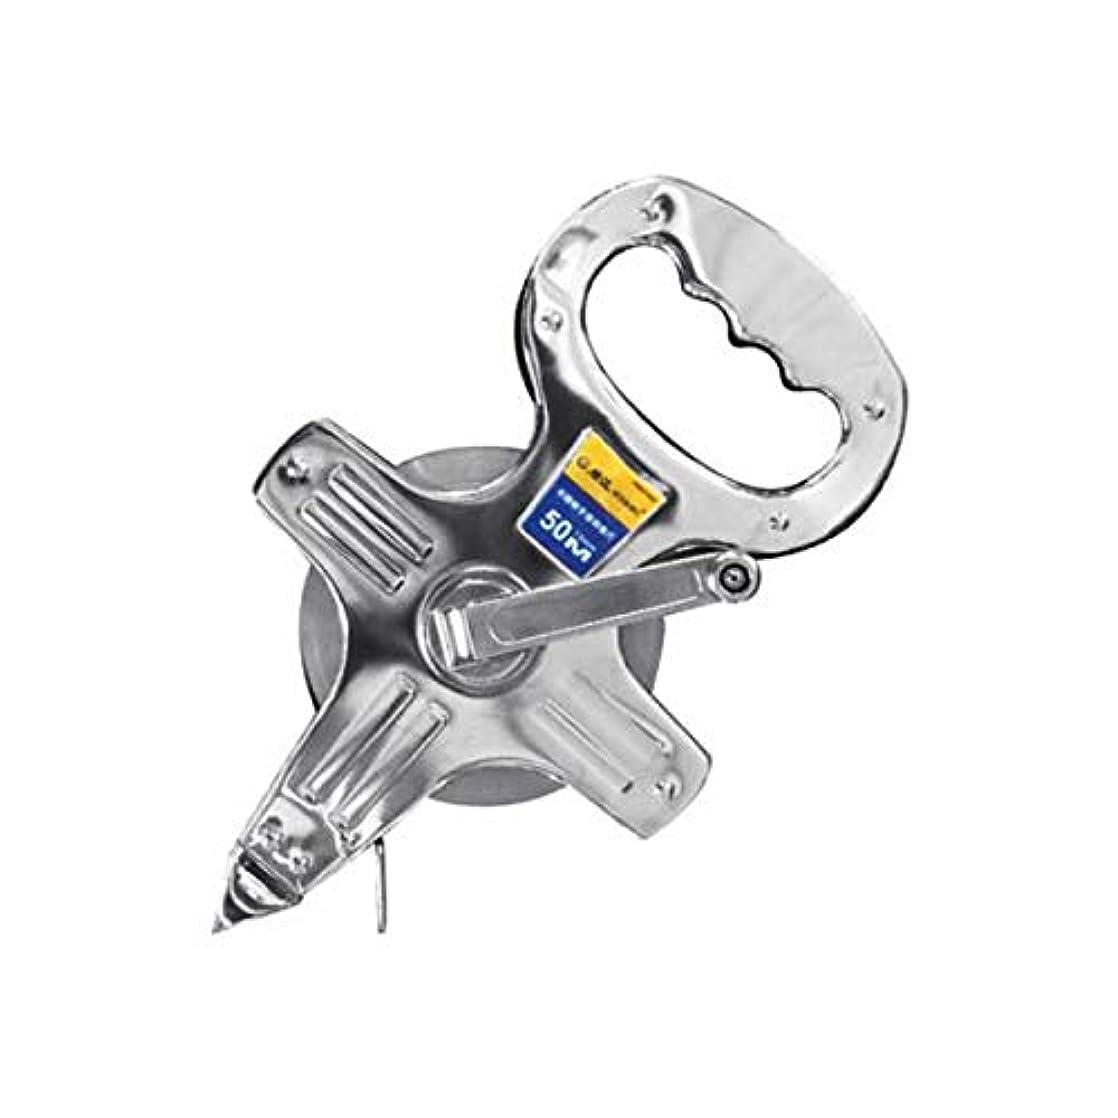 返済アクセル歌詞8HAOWENJU 定規、携帯用スチールテープメジャーステンレス鋼メッキテープメジャー工事現場30/50 / 100m (Color : Silver, Size : 100m)